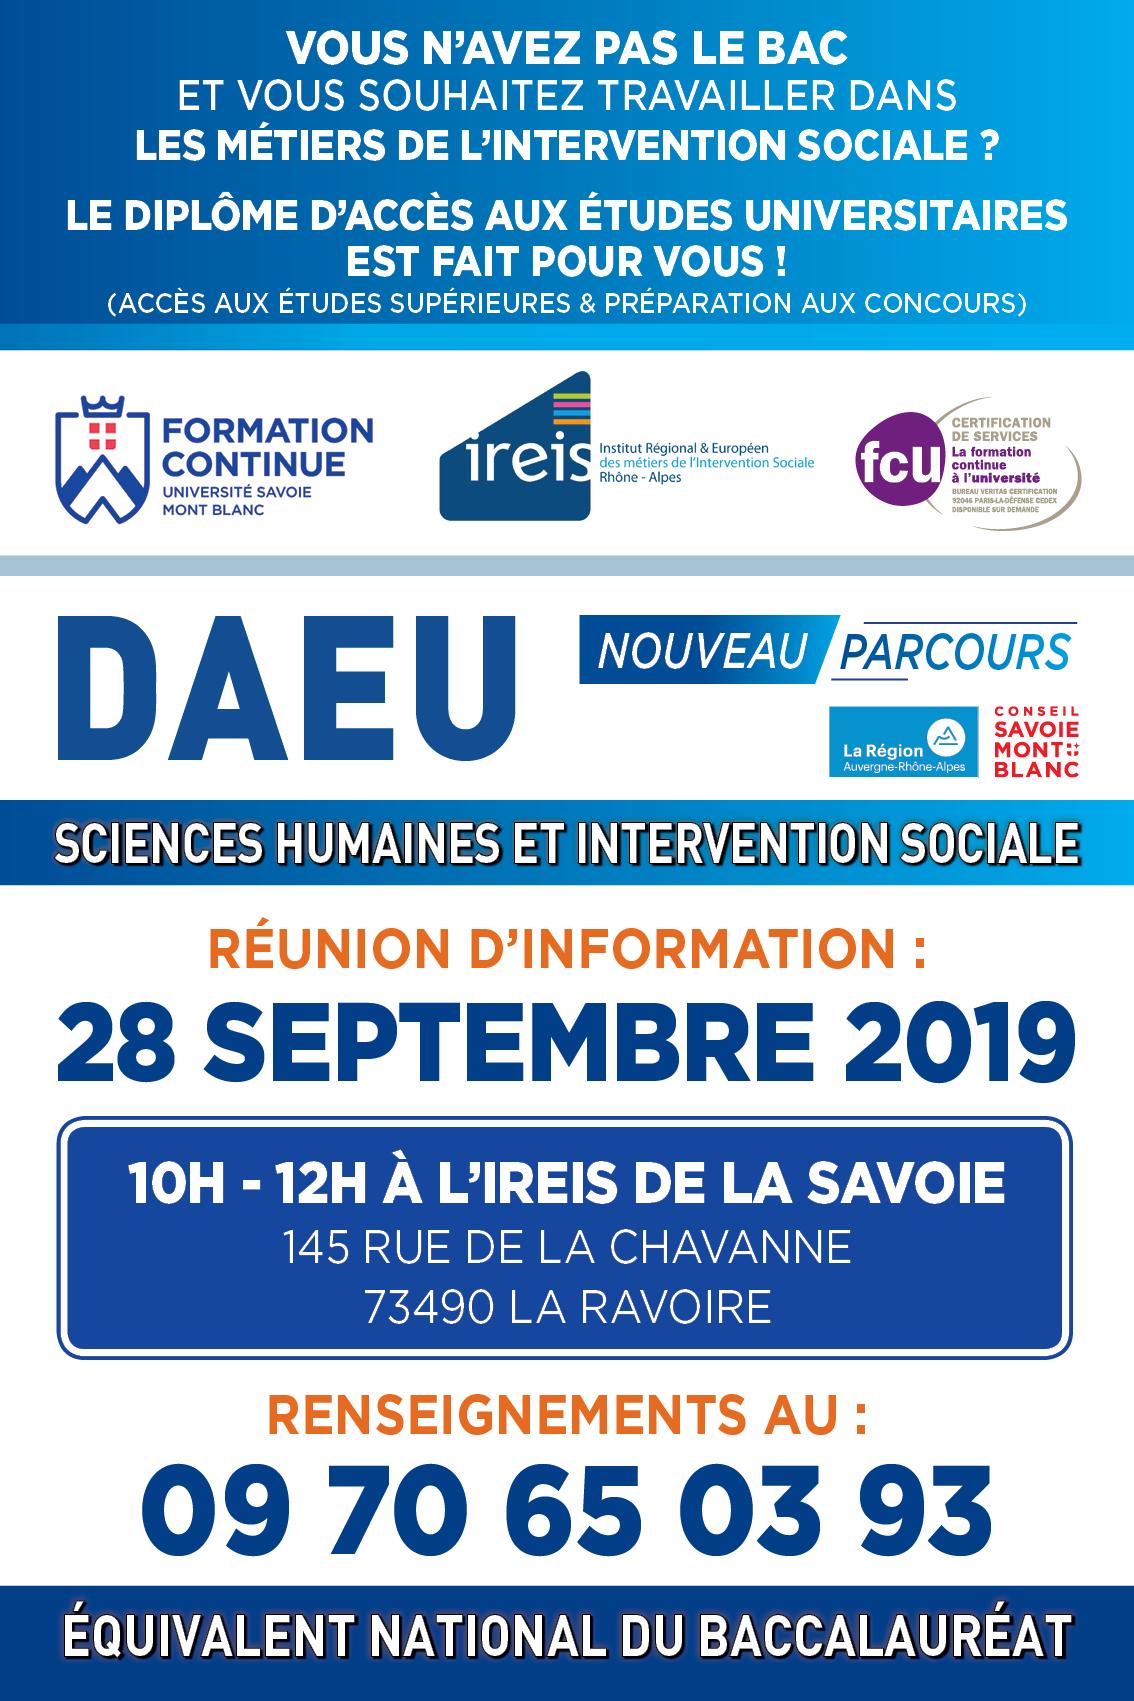 DAEU Travailleur Social DAEU Métiers du social DAEU Intervention Sociale Formation équivalent Bac Annecy Chambéry IREIS Savoie Haute-Savoie